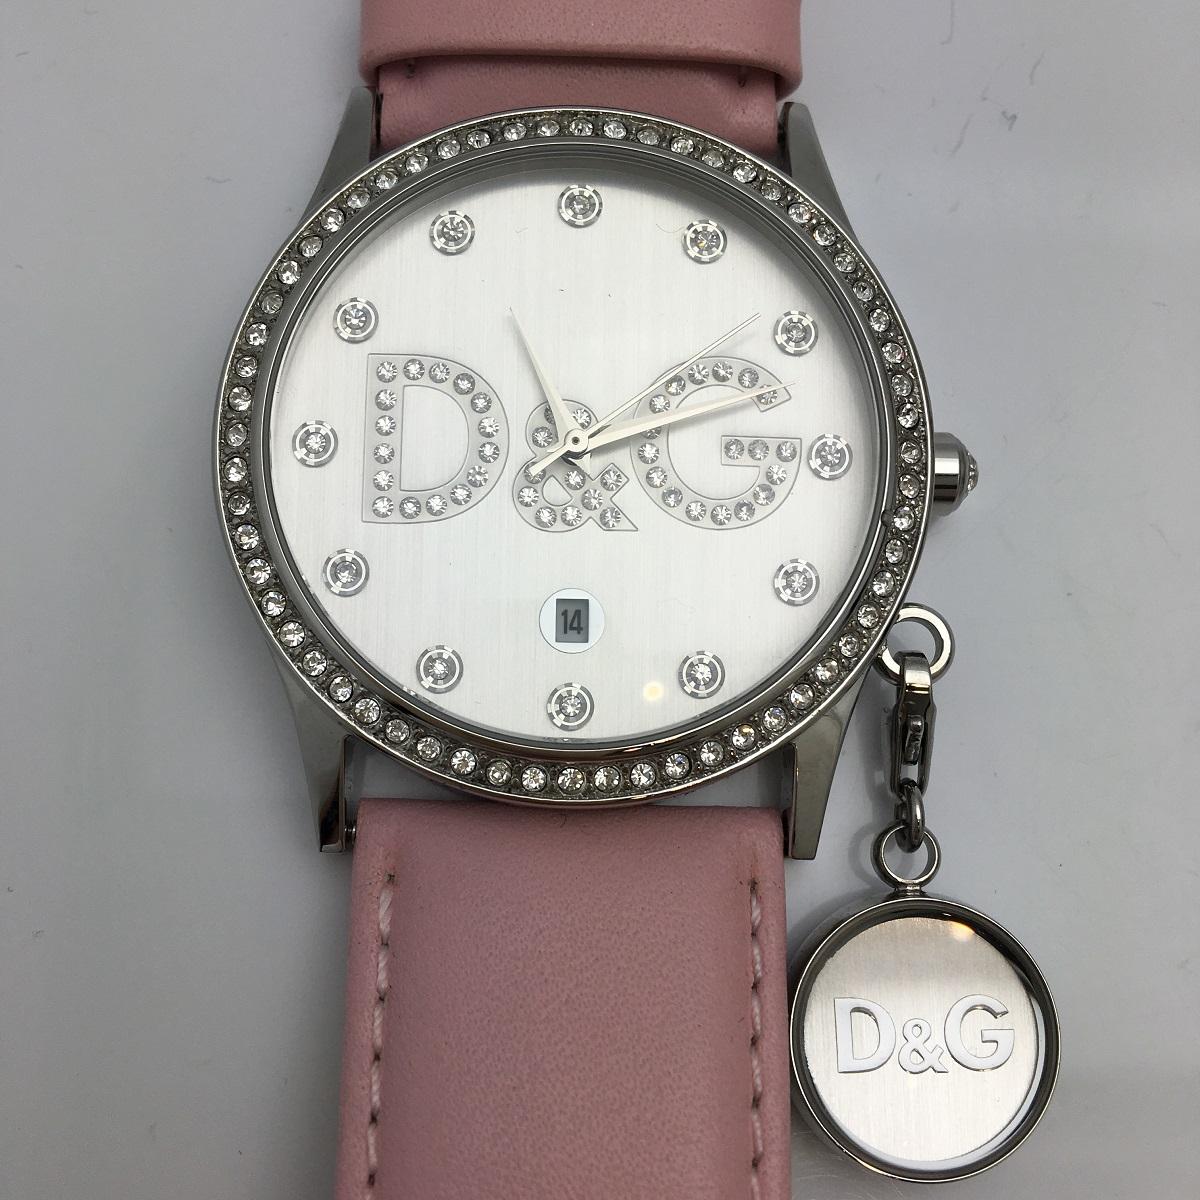 D&G ドルチェ&ガッバーナ DOLCE&GABBANA TIME ラインストーン DW0009 腕時計 QZ クォーツ SS ステンレス 革ベルト レディース 【トレジャースポット】【中古】